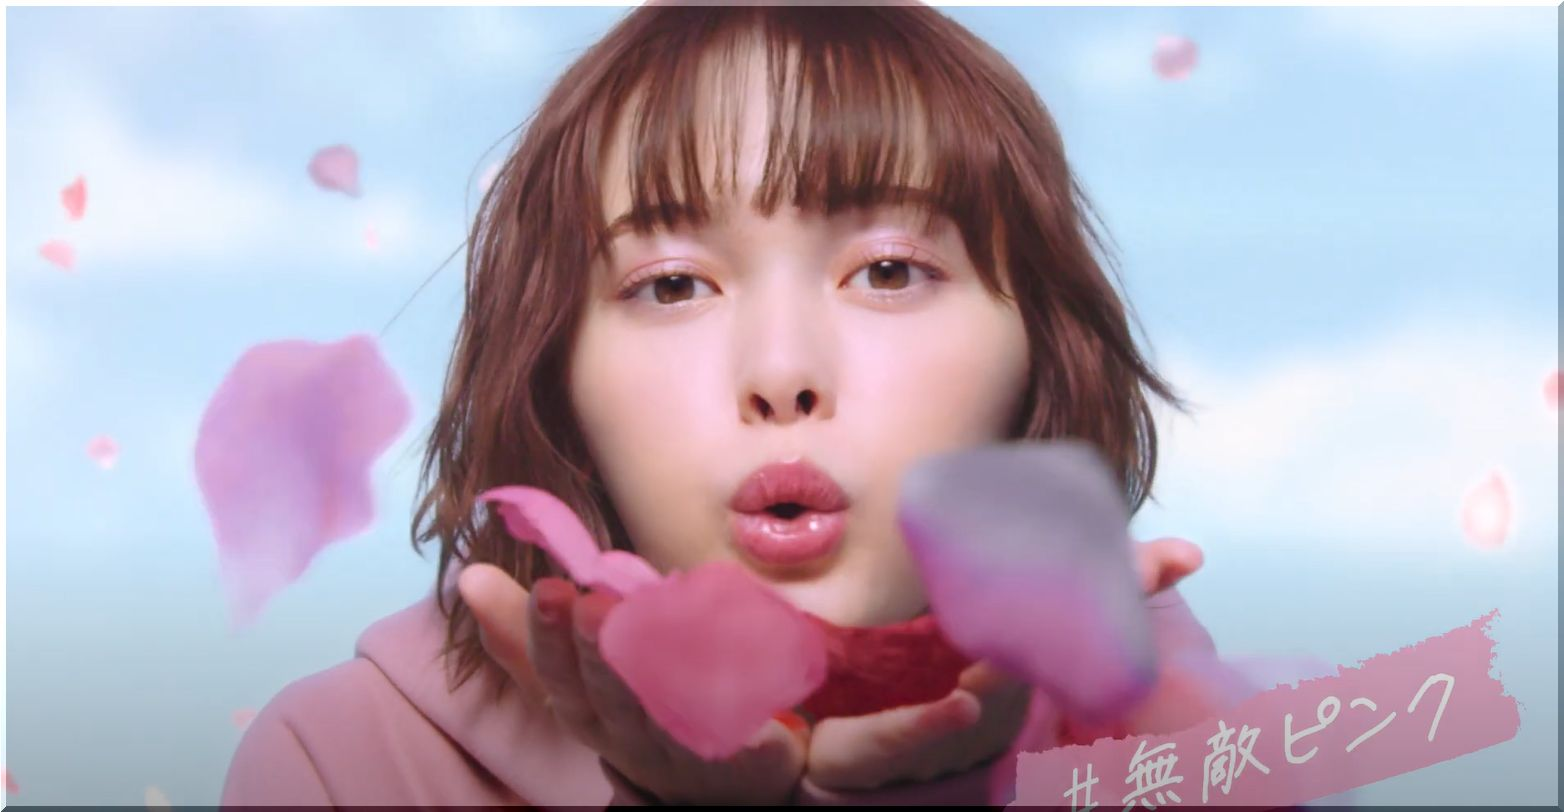 【PALTY(パルティ)CM】ピンクの花びらを吹きかける女優は誰?